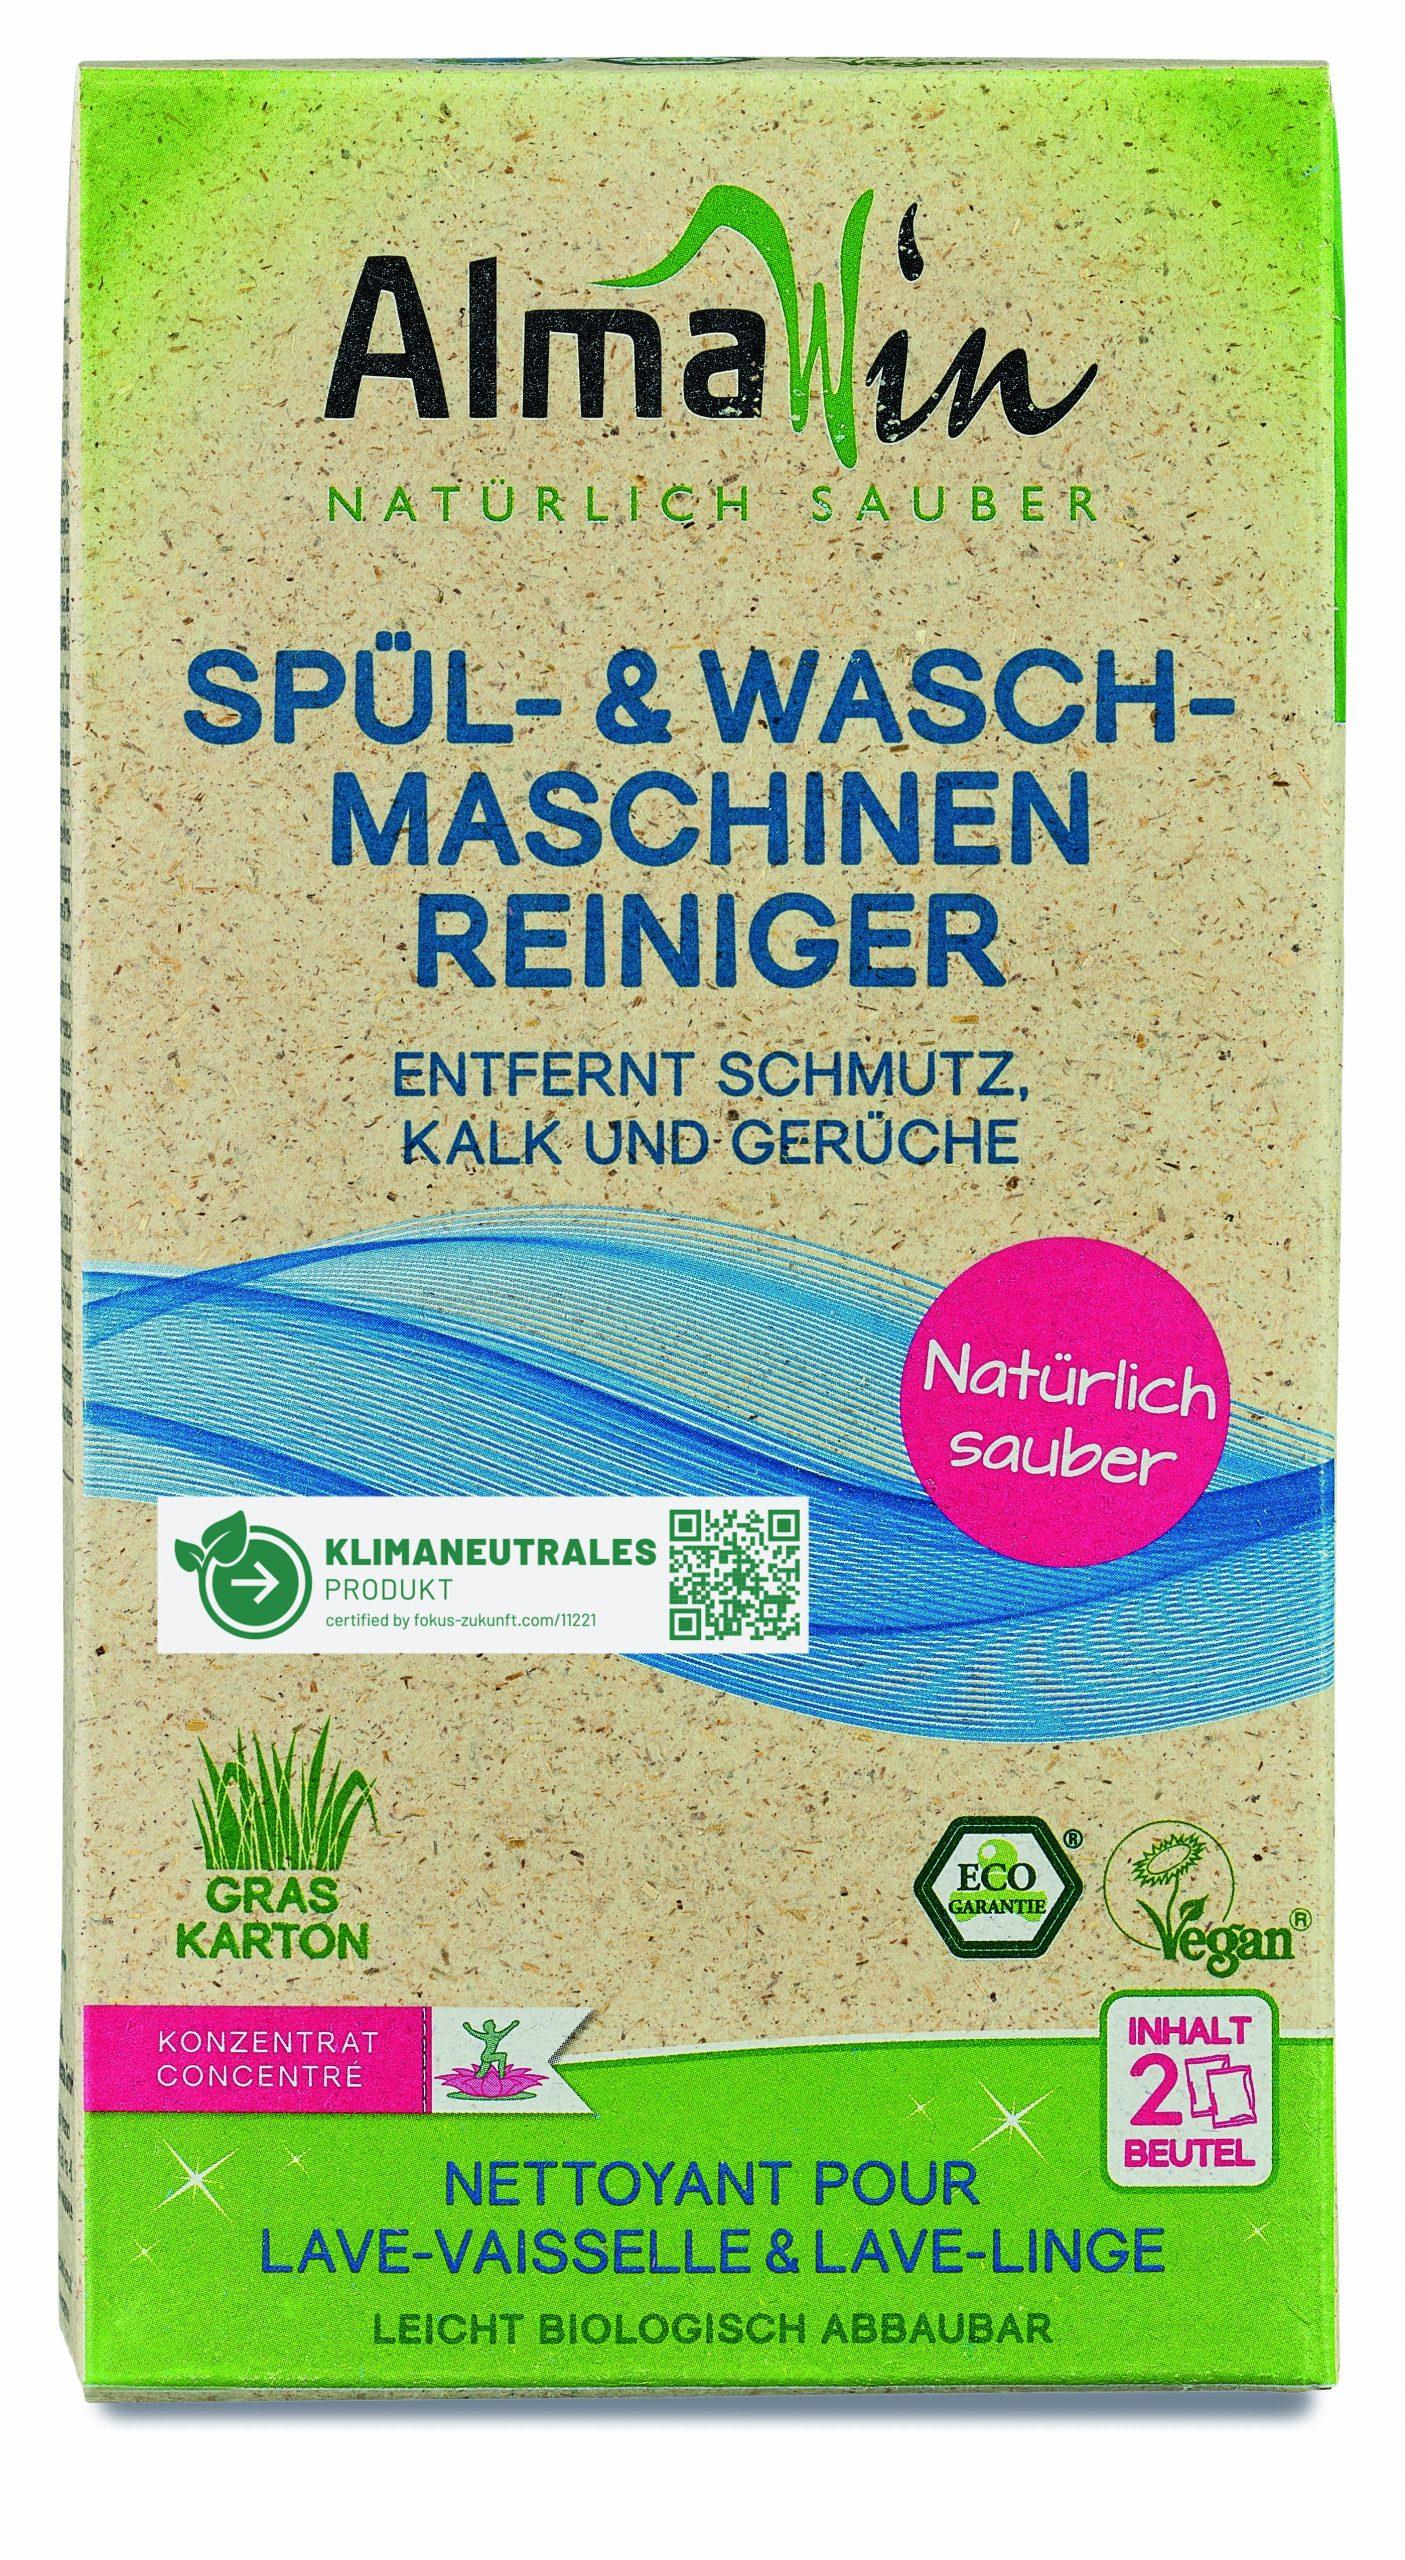 AlmaWin Spül- und Waschmaschinenreiniger